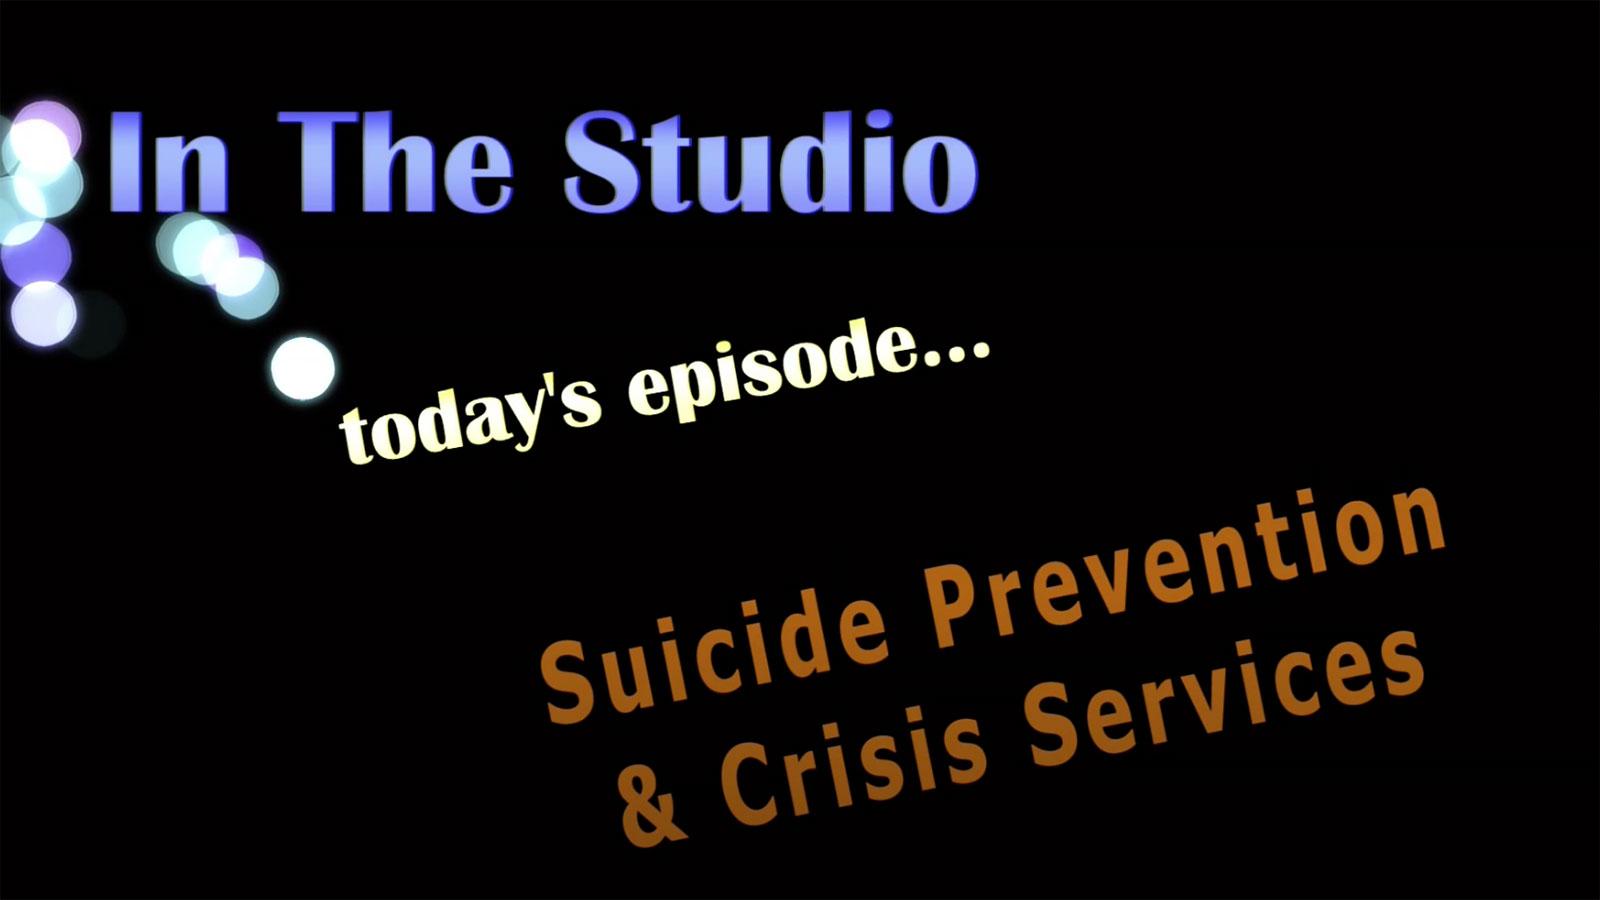 In the Studio: Suicide Prevention & Crisis Prevention